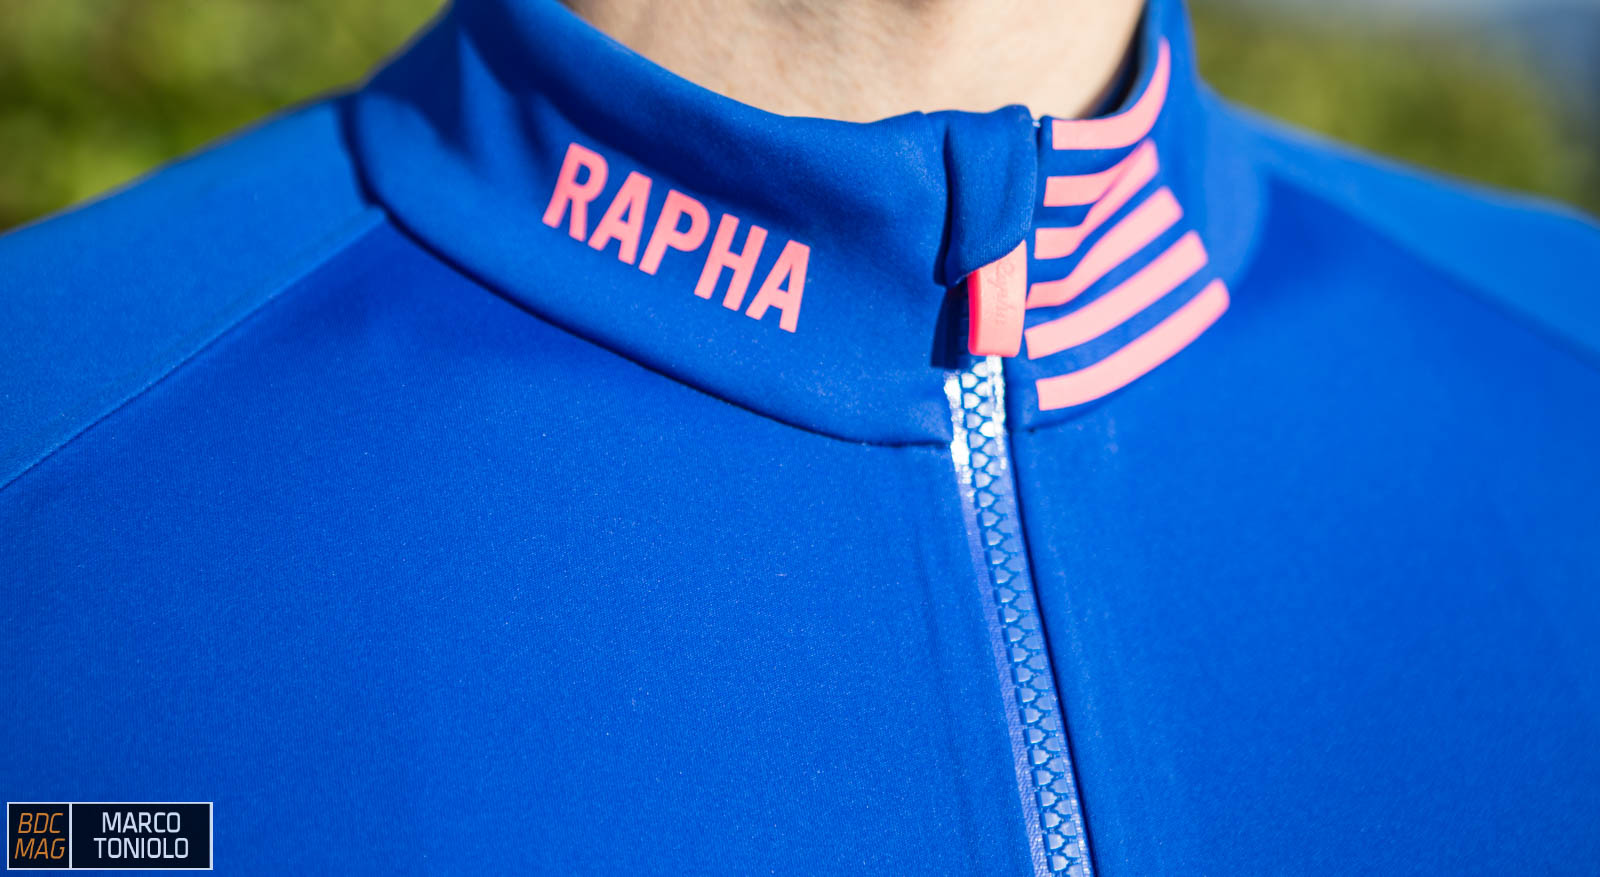 [Test] Rapha Pro Team Softshell Jacket